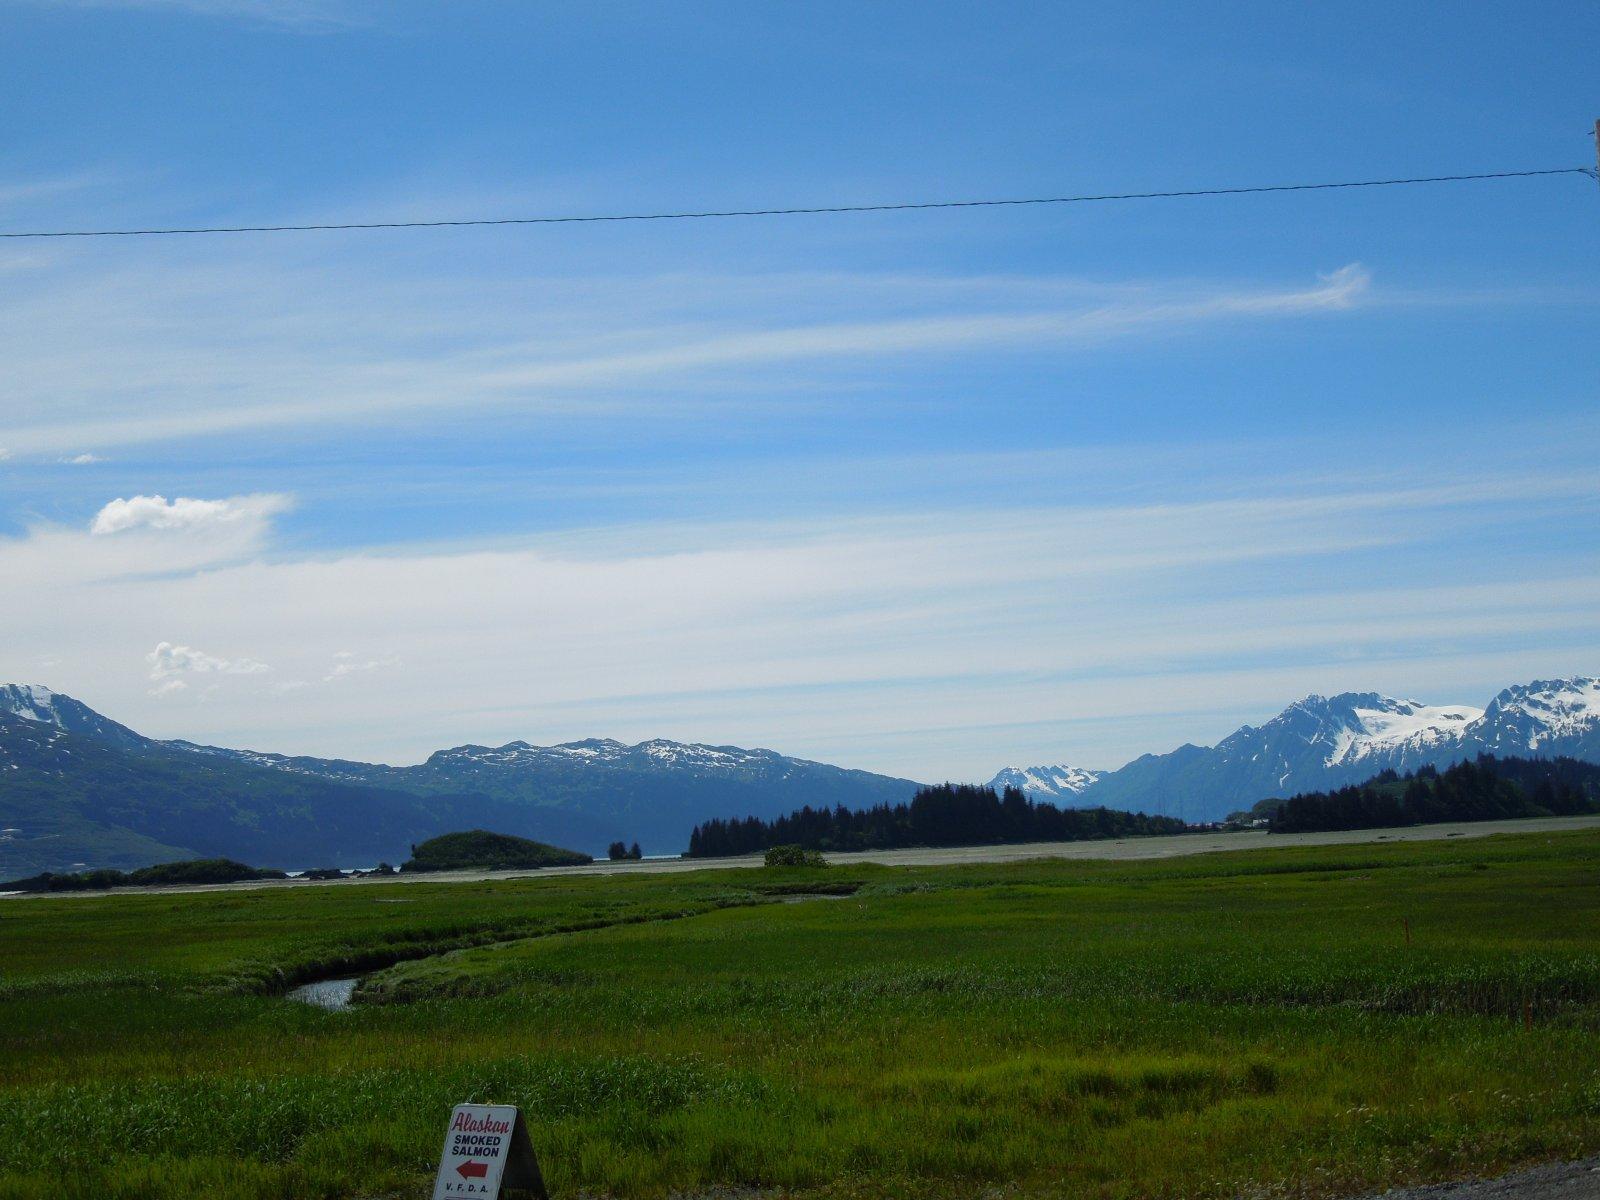 Click image for larger version  Name:Glennallen to Valdez 149.jpg Views:60 Size:221.8 KB ID:215353